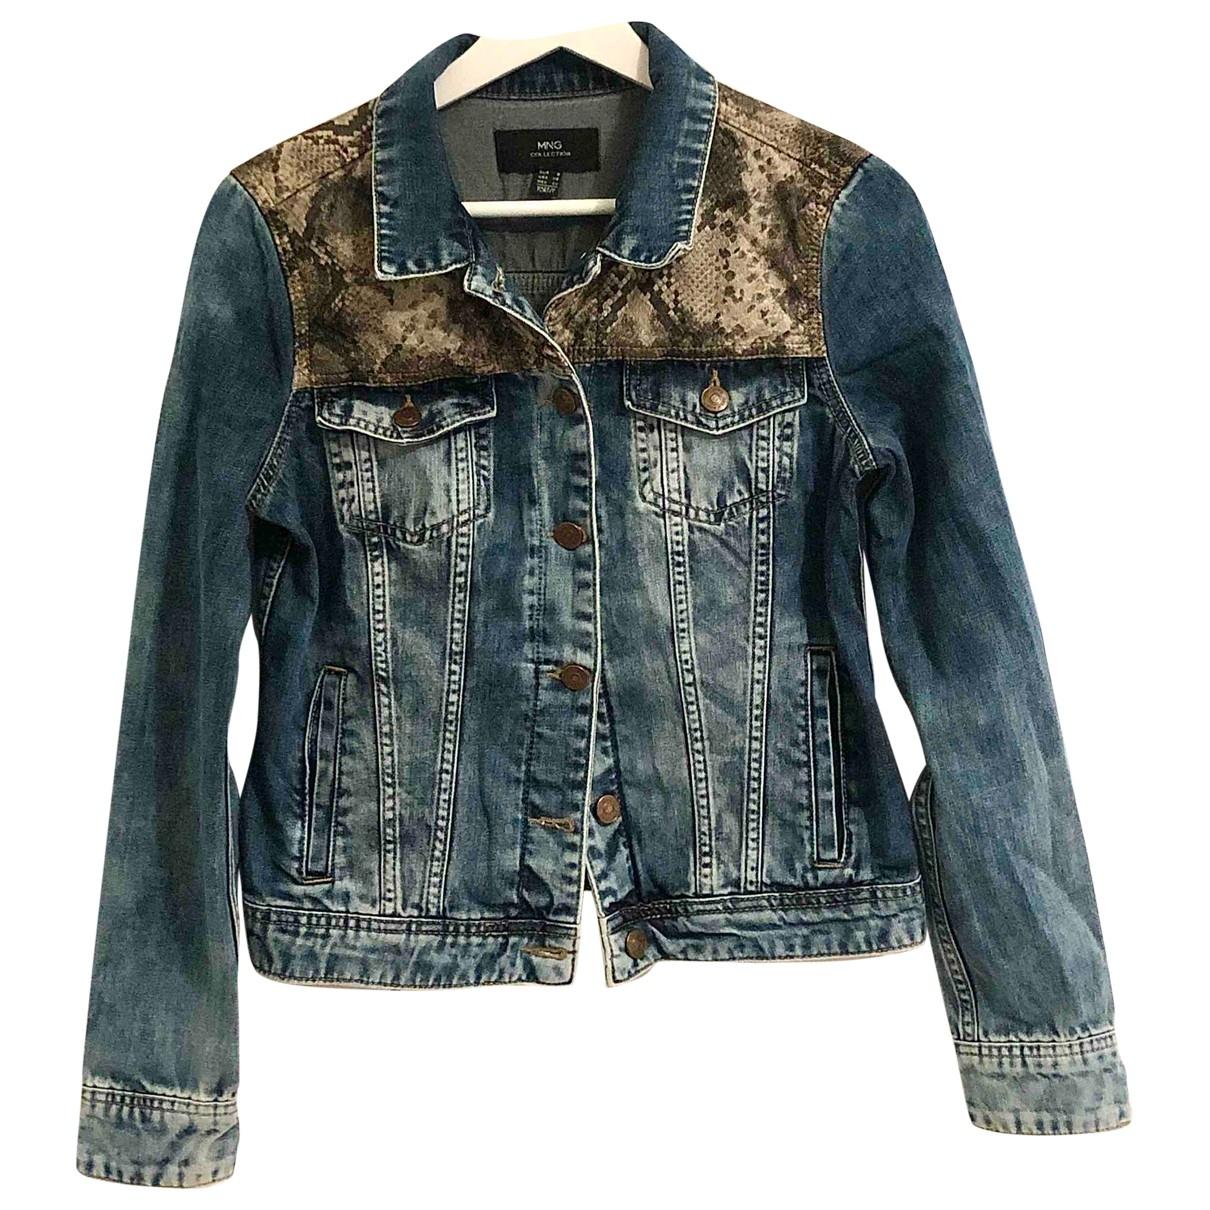 Mango \N Jacke in  Blau Denim - Jeans